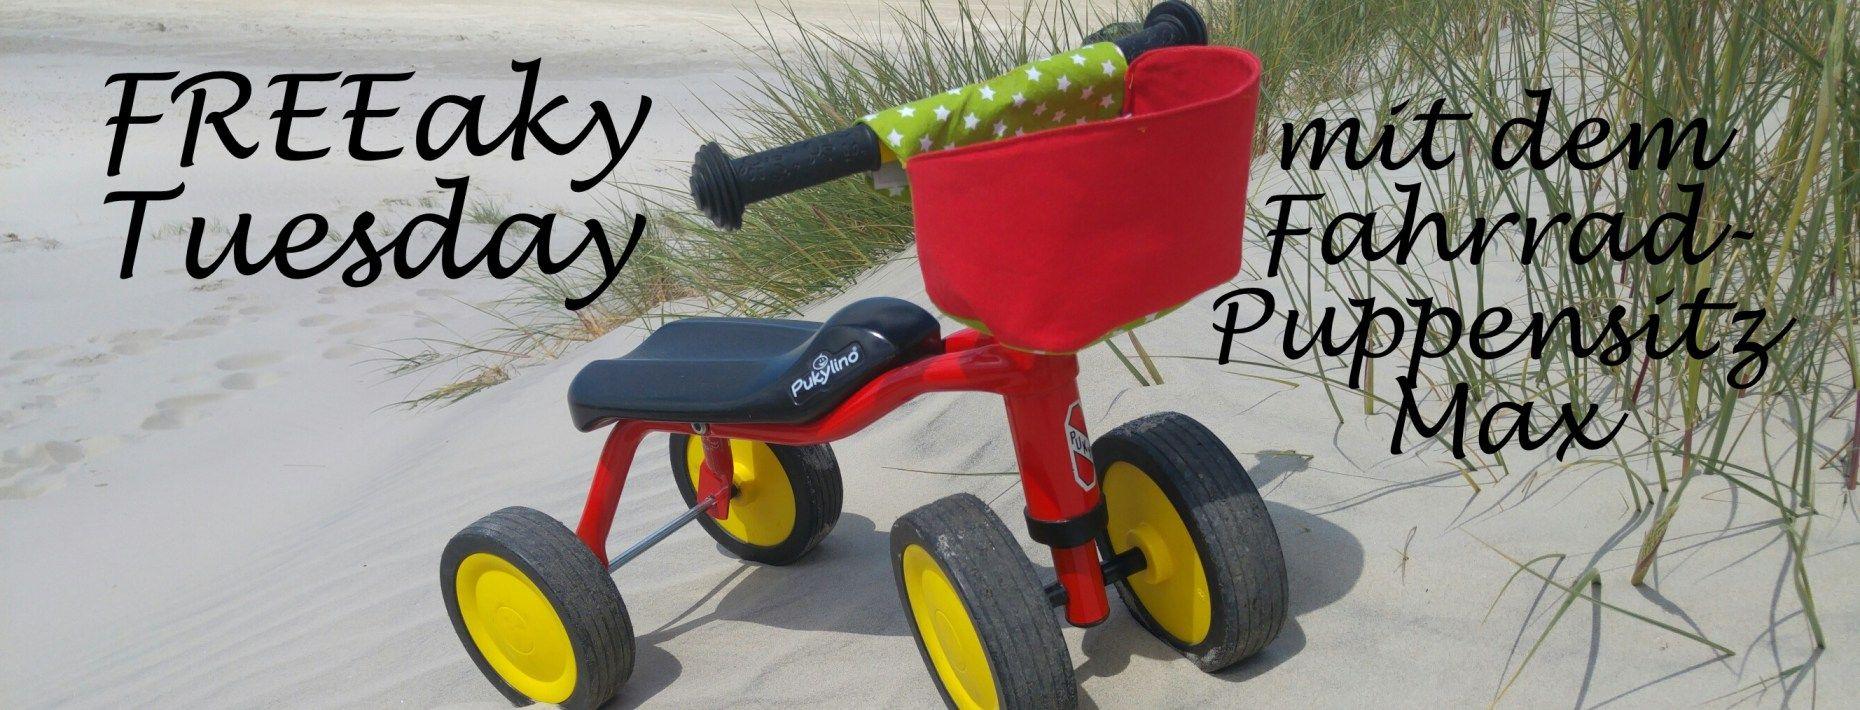 Fahrrad-Puppensitz Max